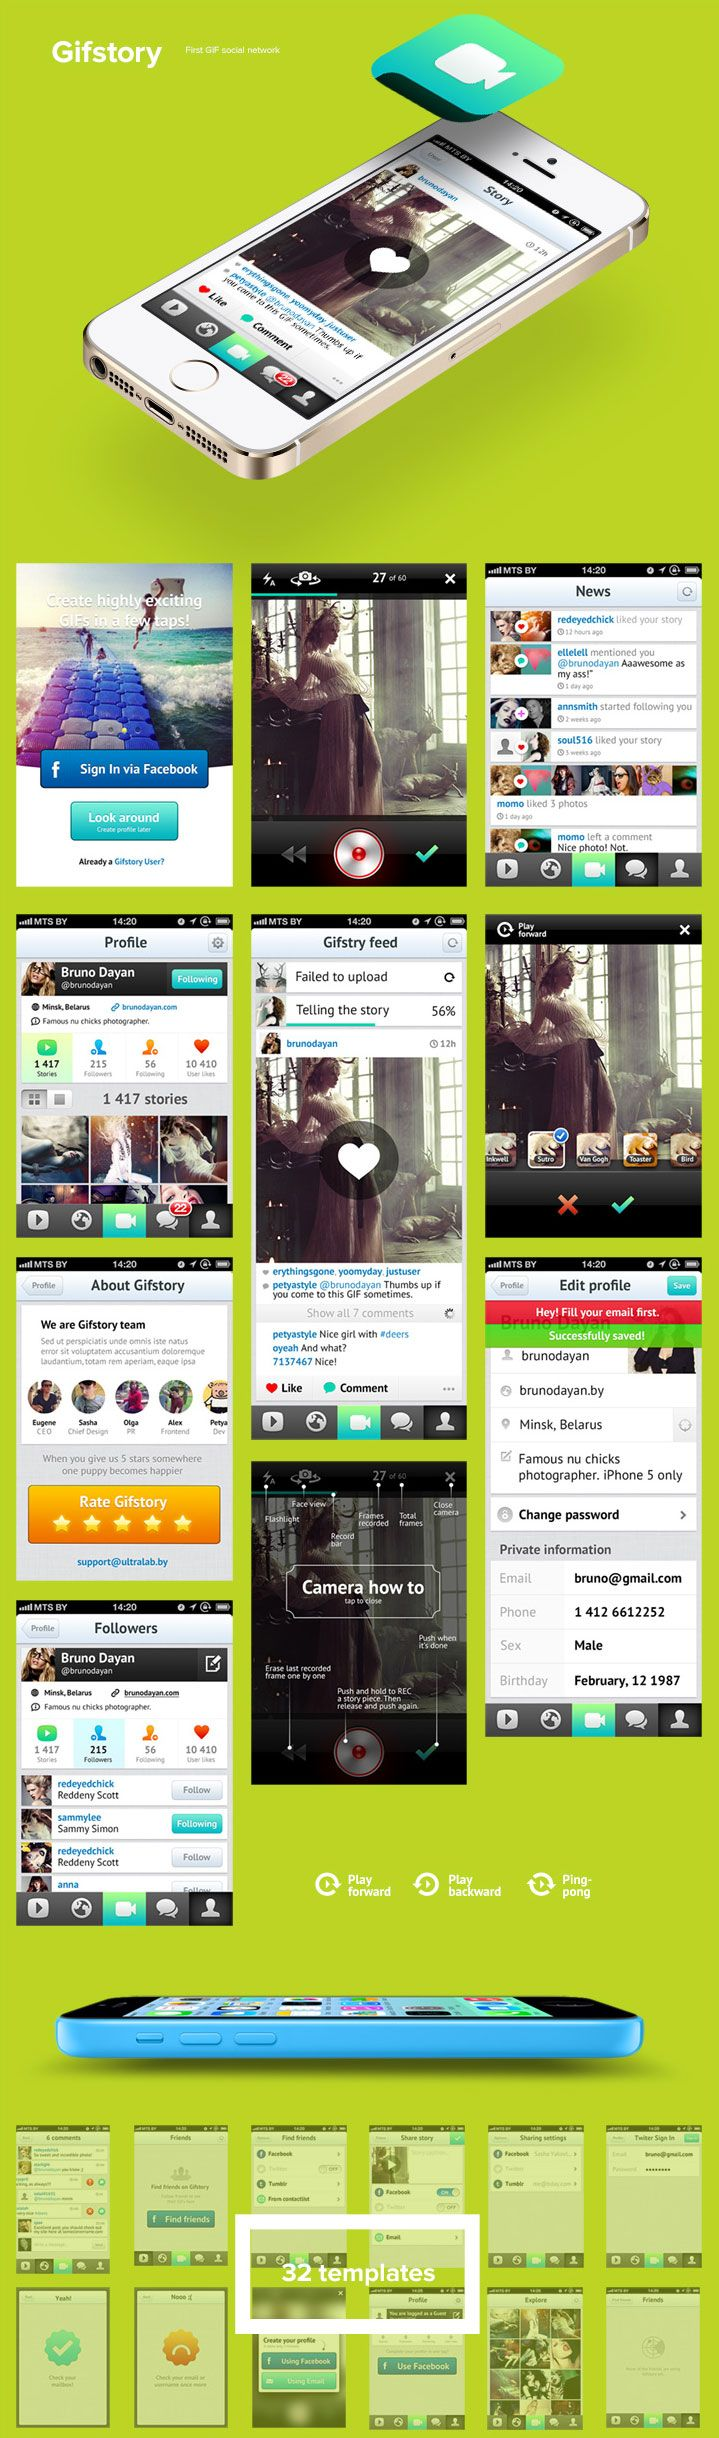 Gifstory iOS app